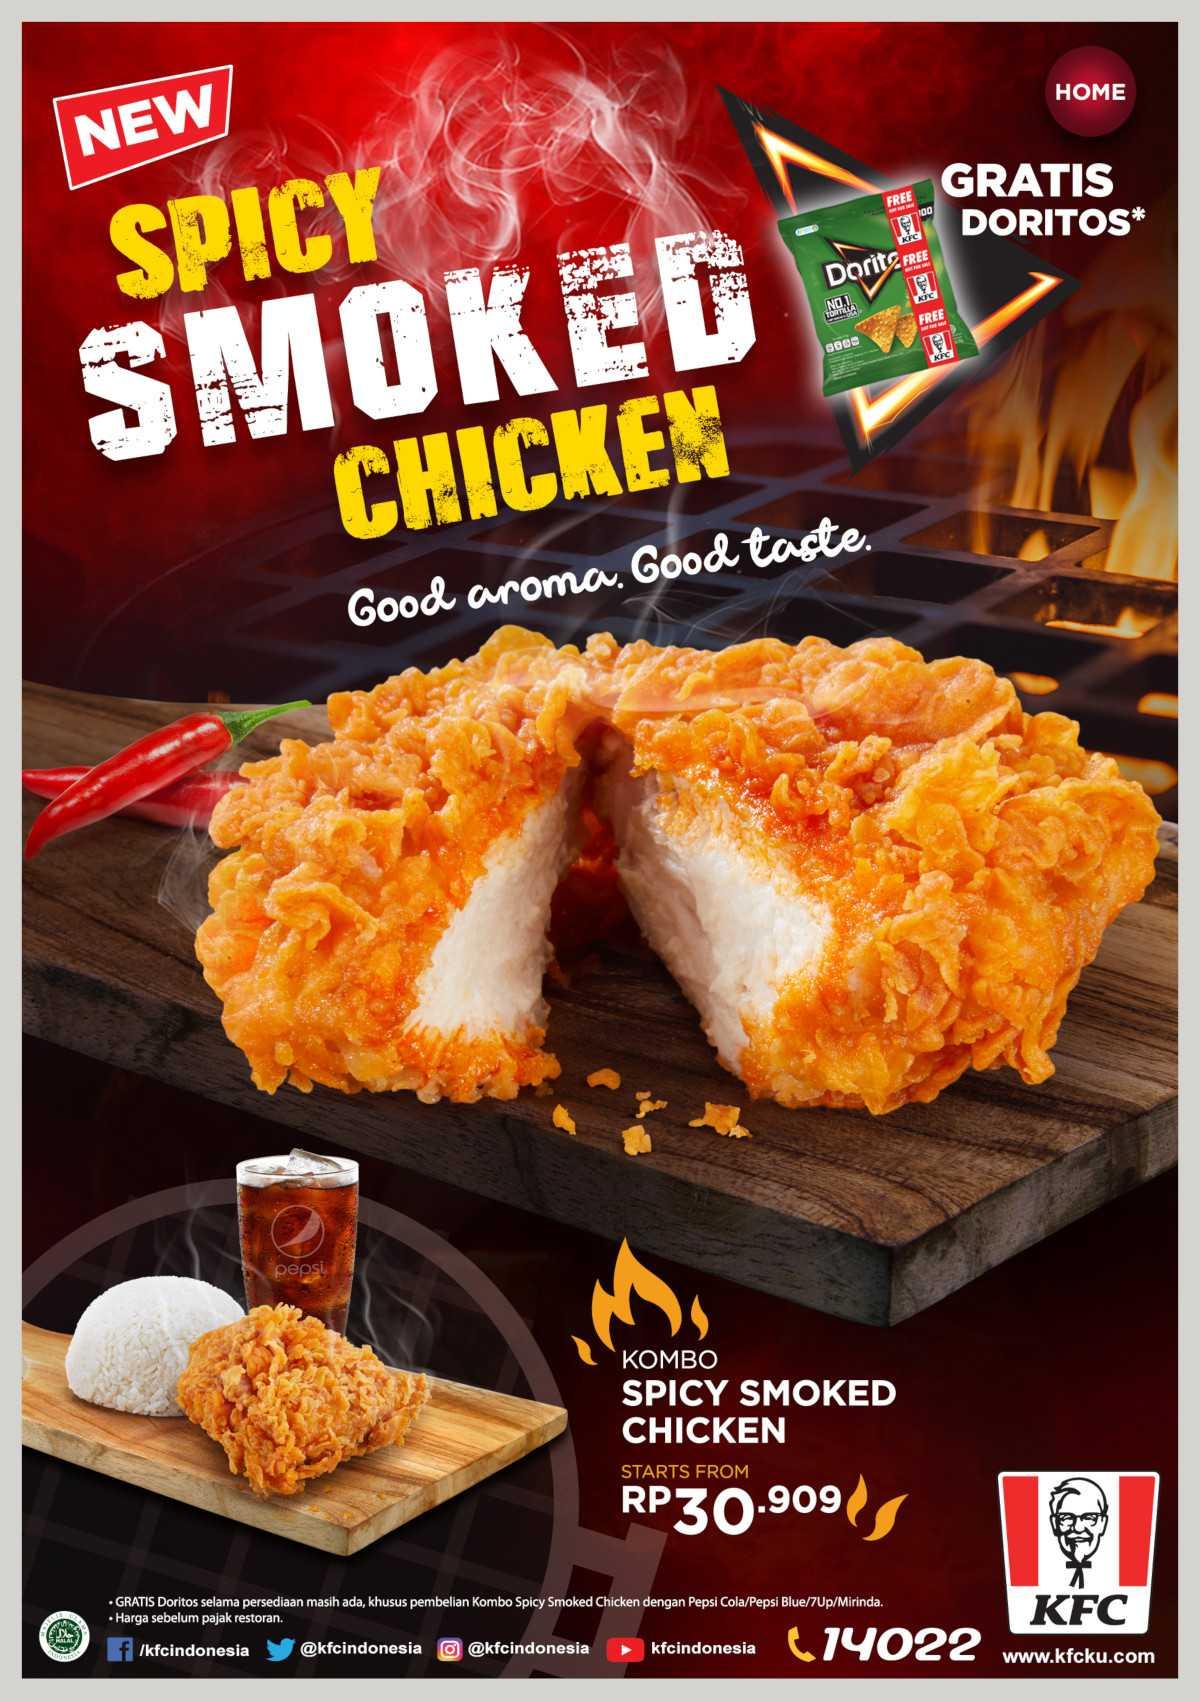 KFC NEW SPICY SMOKED CHICKEN – Harga mulai Rp. 30.909